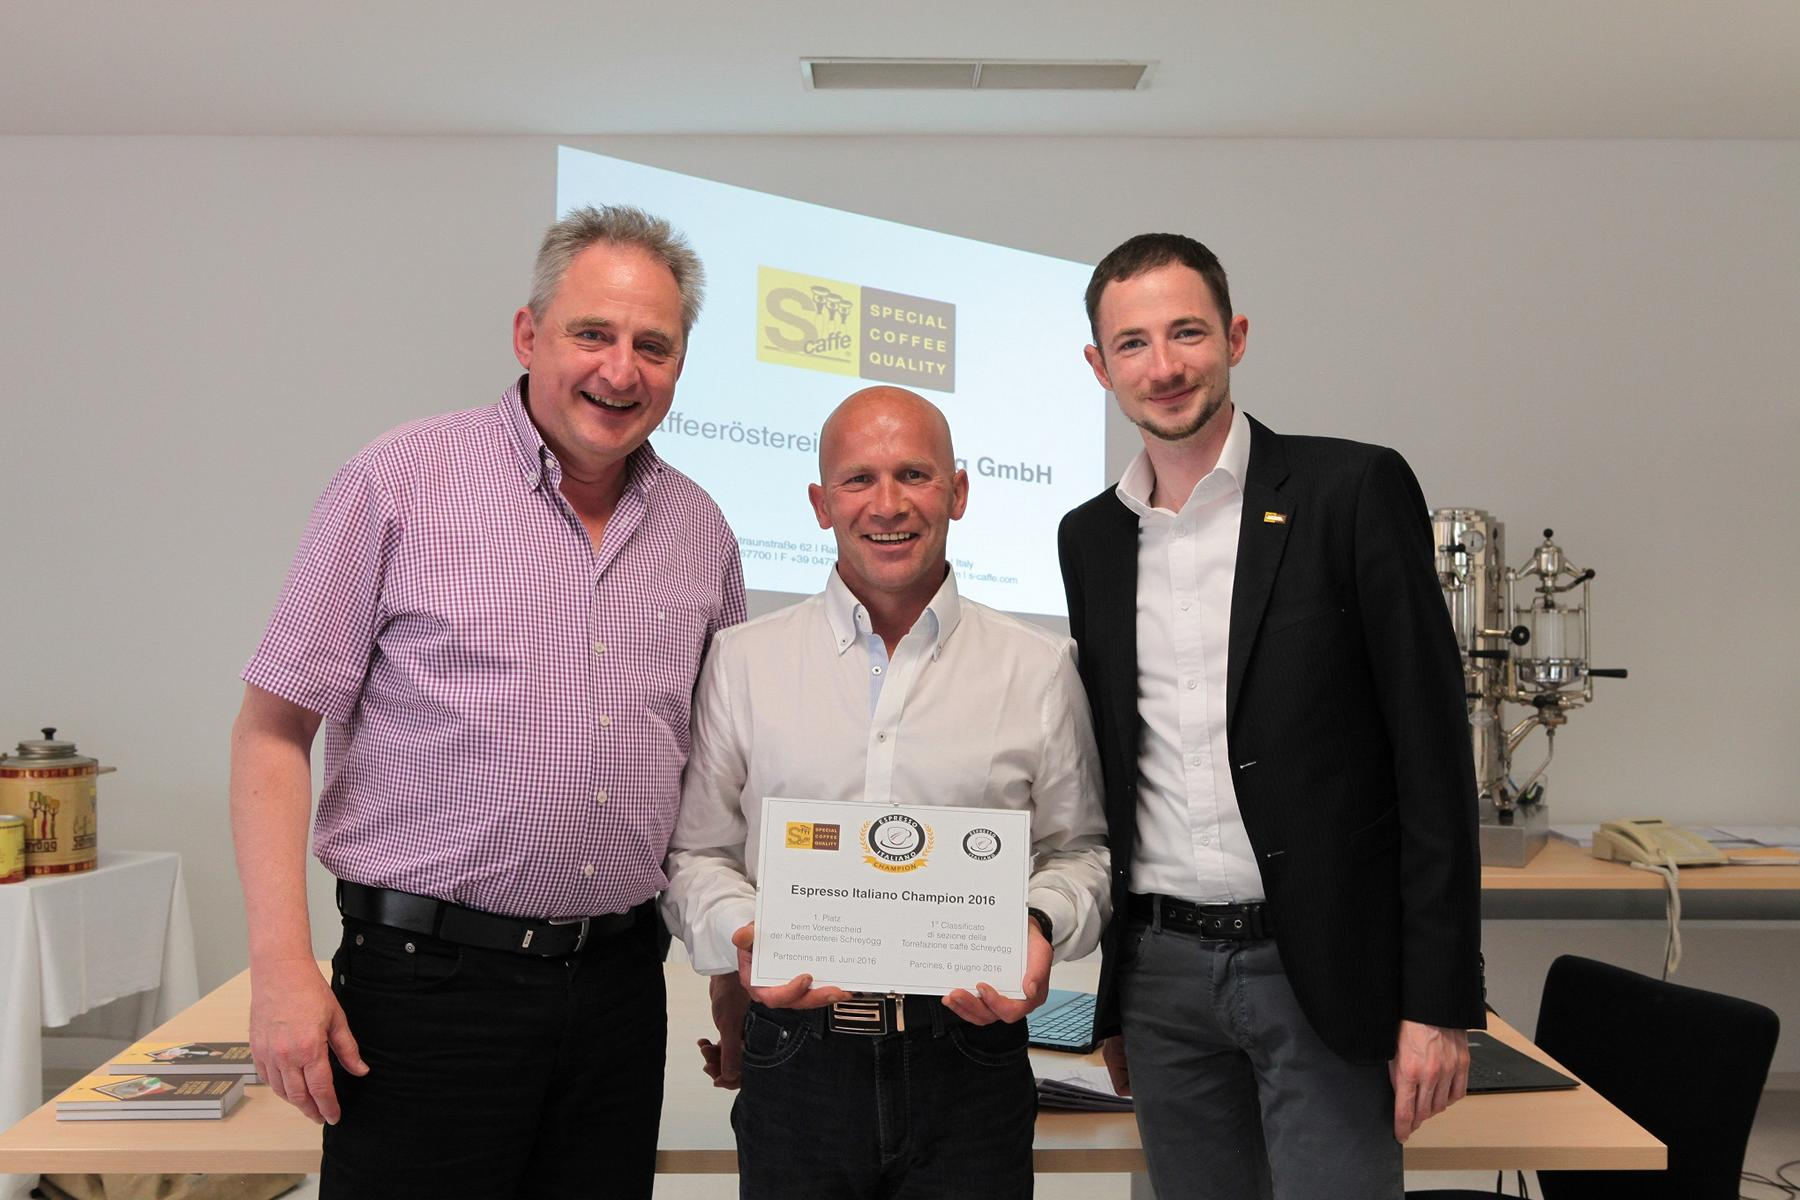 Engelbert Schweigl vince la gara preliminare di Espresso Italiano Champion 2016 ospitata da Torrefazione Caffè Schreyoegg